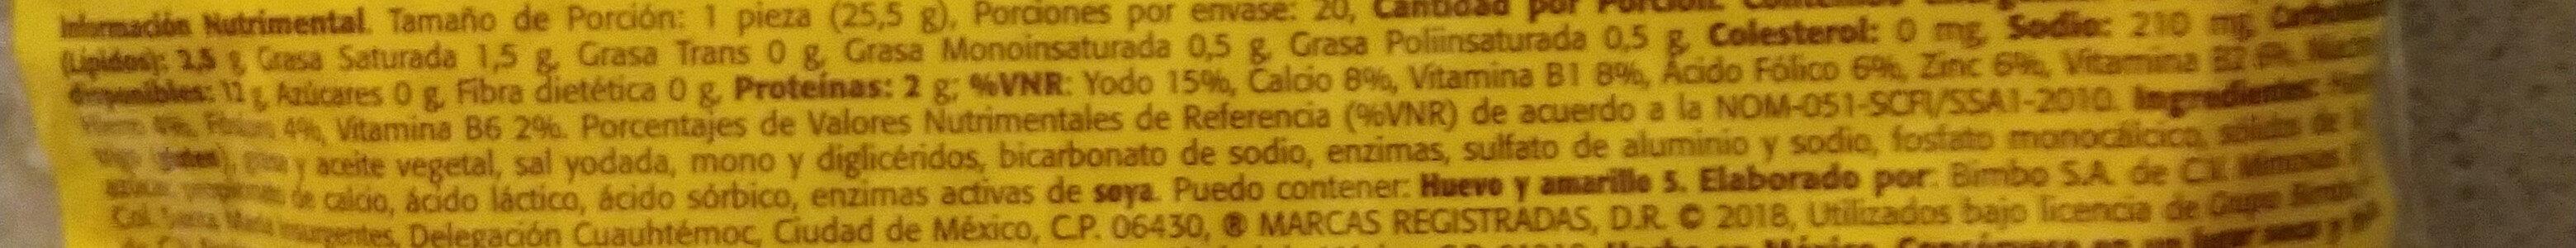 Tortillinas - Ingrédients - es